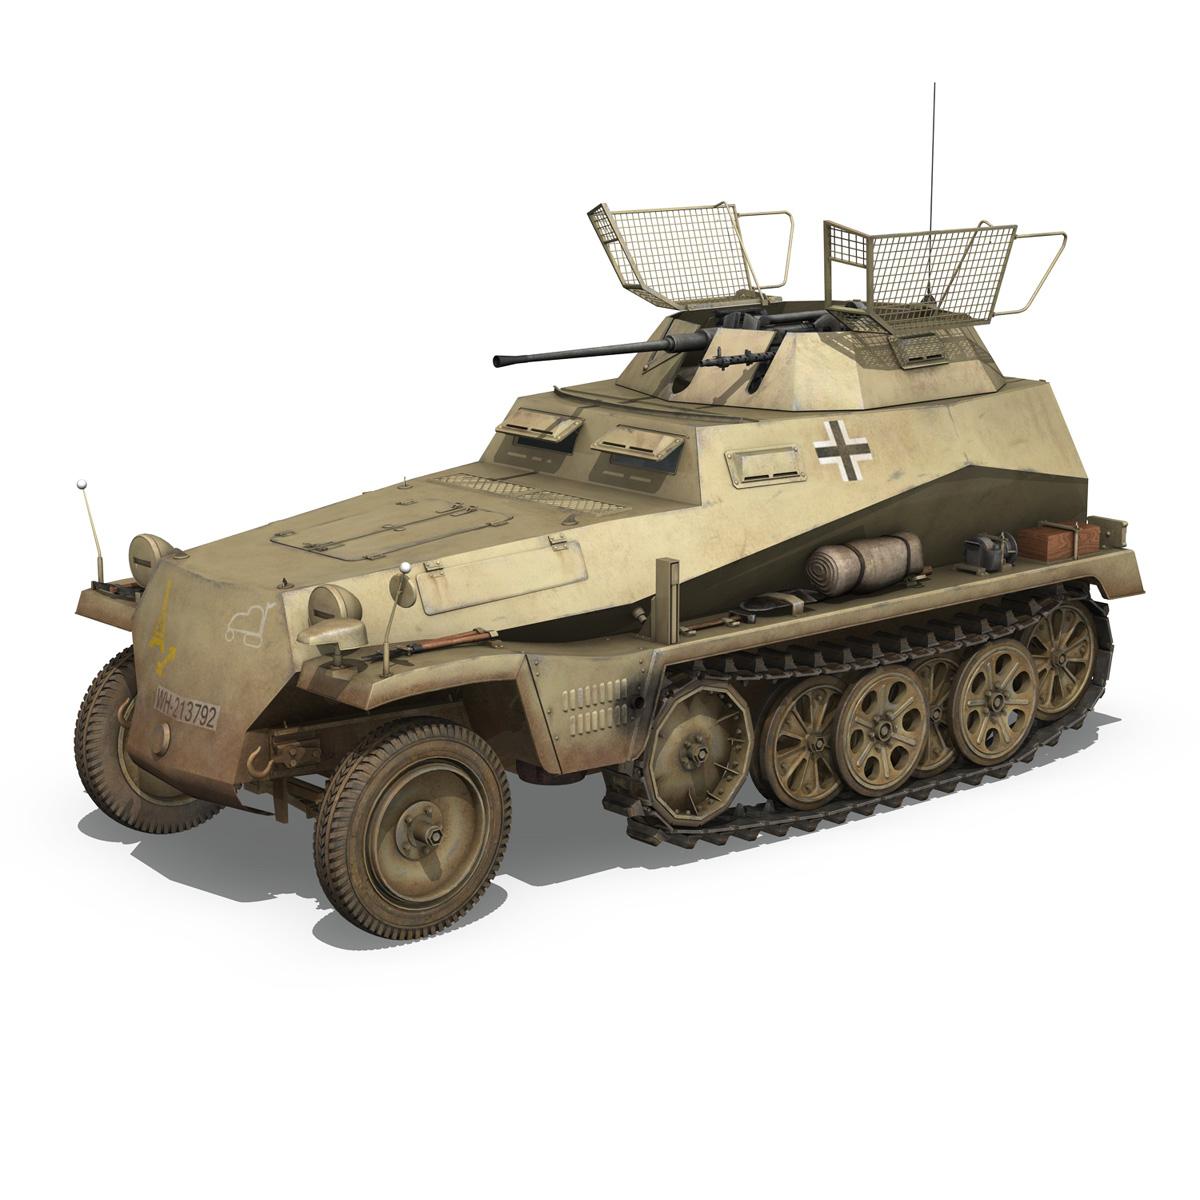 SD.KFZ 250 - Reconnaissance Halftruck - 23 PzDiv 3d model 3ds fbx c4d lwo lws lw obj 273092